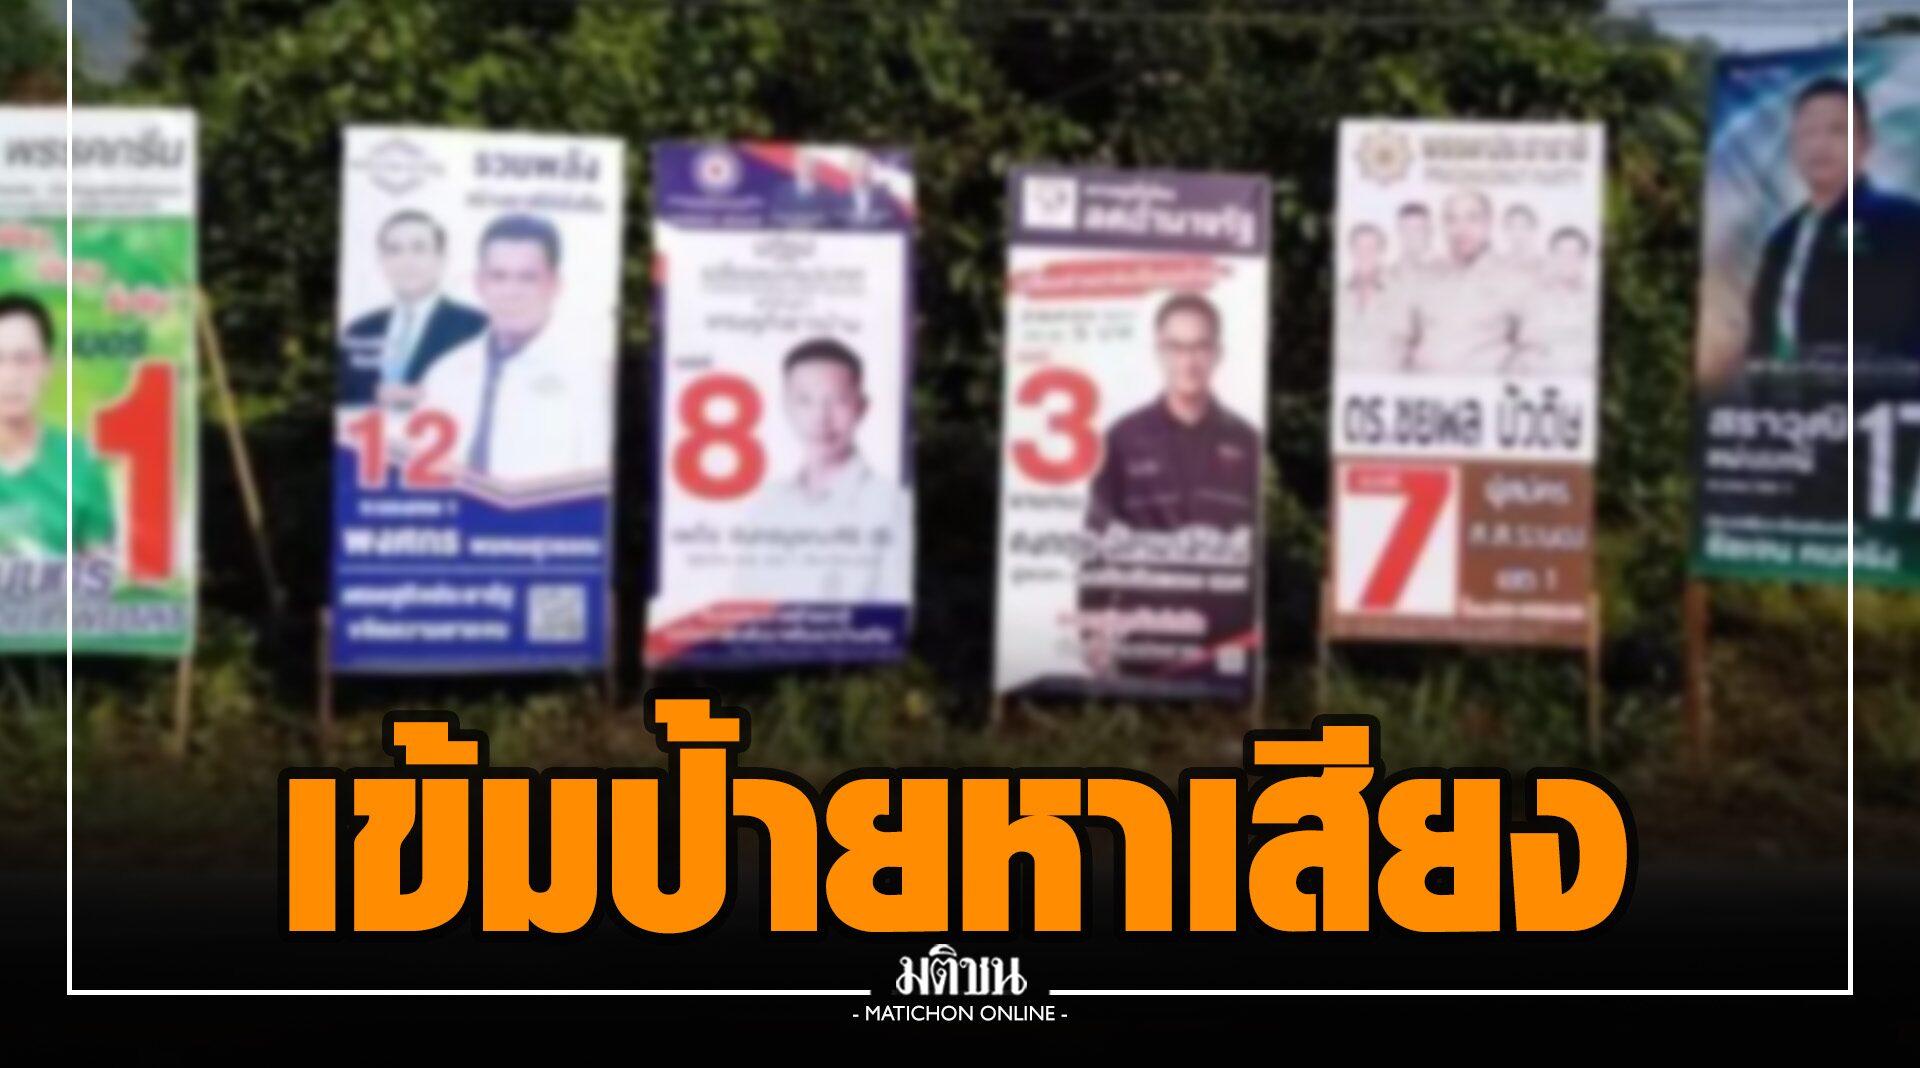 กกต.เข้มปิดประกาศหาเสียงเลือกตั้งเทศบาล 'ขนาด-จำนวน' ต้องเป็นไปตามที่กม.